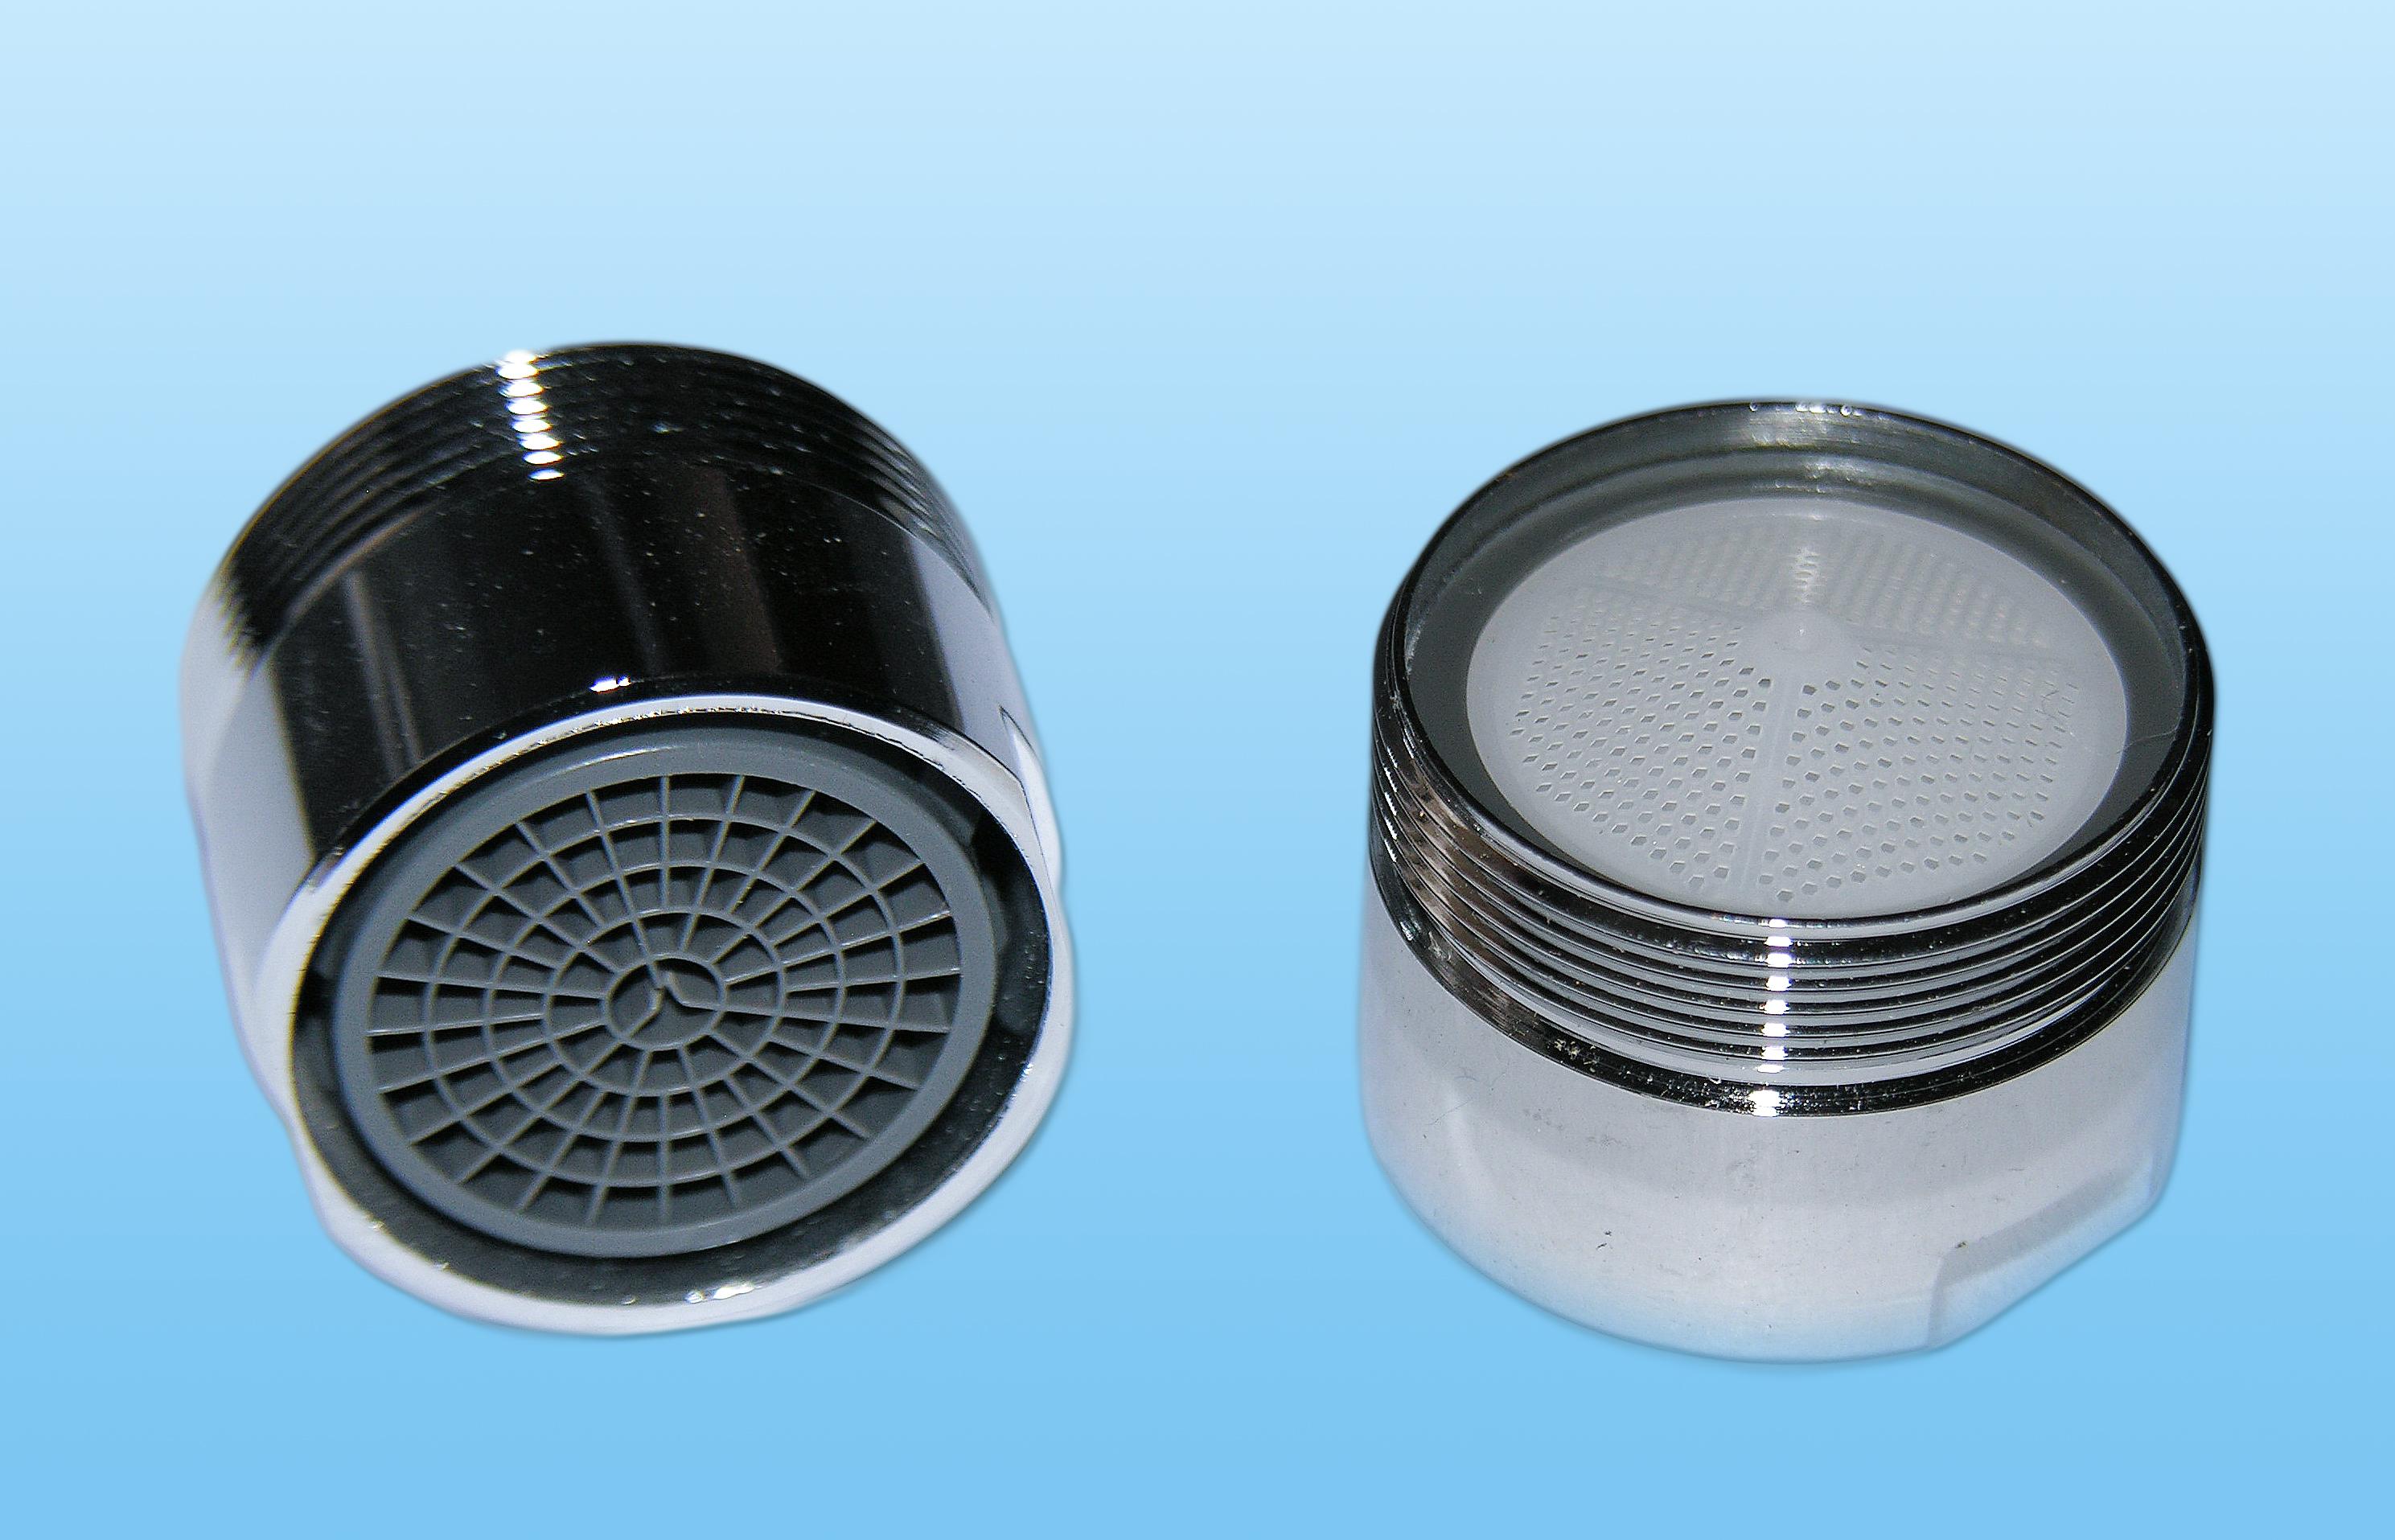 Аэратор для смесителя (40 фото): что это такое, водосберегающая насадка на кран для экономии воды, виды и размеры, отзывы покупателей